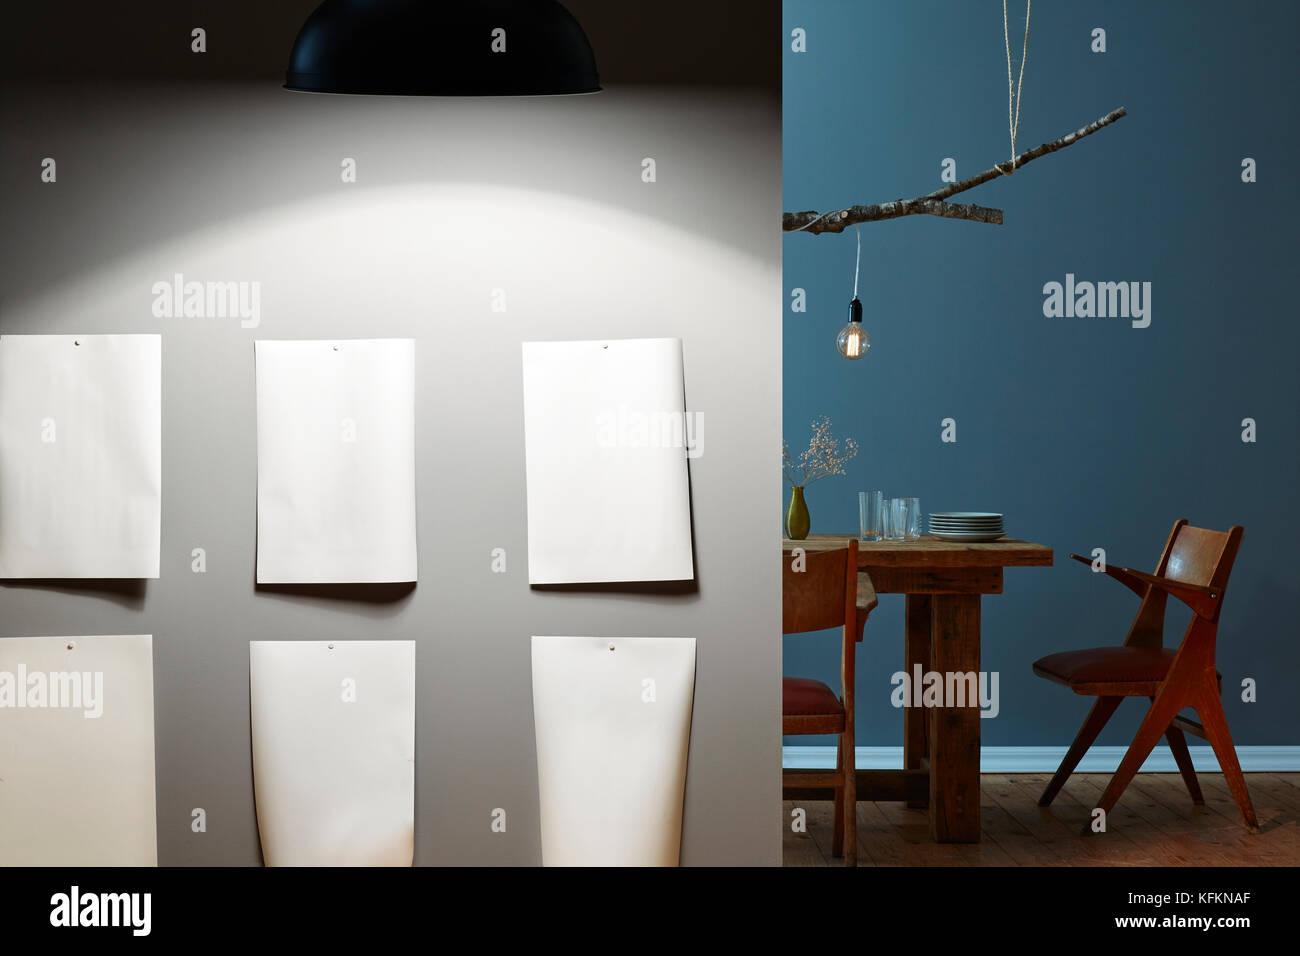 Uberlegen Moderne Galerie Auf Graue Wand Lichtkonzepte Tabelle Im Hintergrund